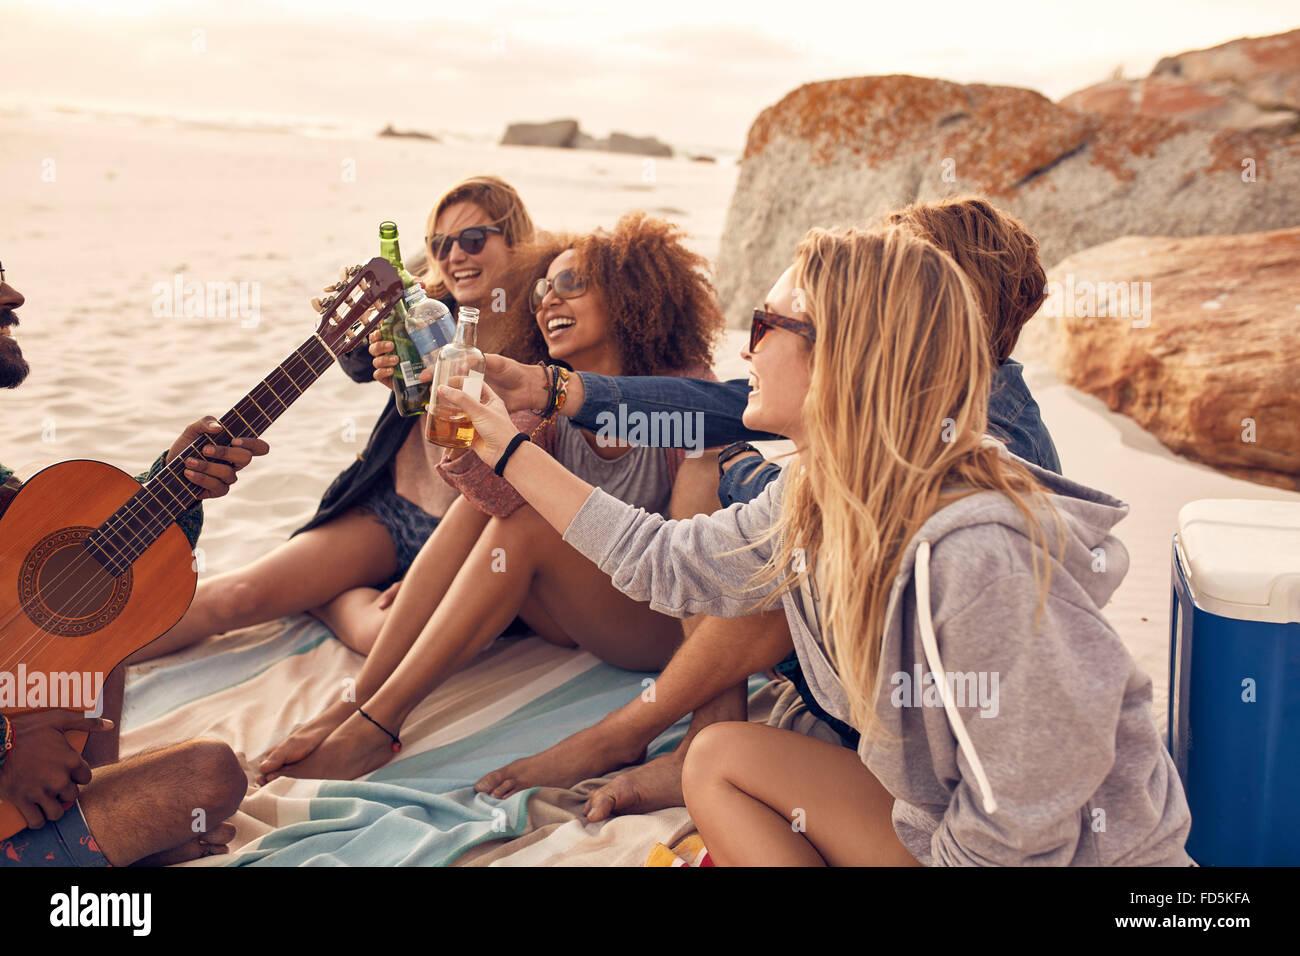 Groupe de jeunes multi-ethnique toasting bières sur la plage. Groupe d'amis de passer du temps ensemble Photo Stock